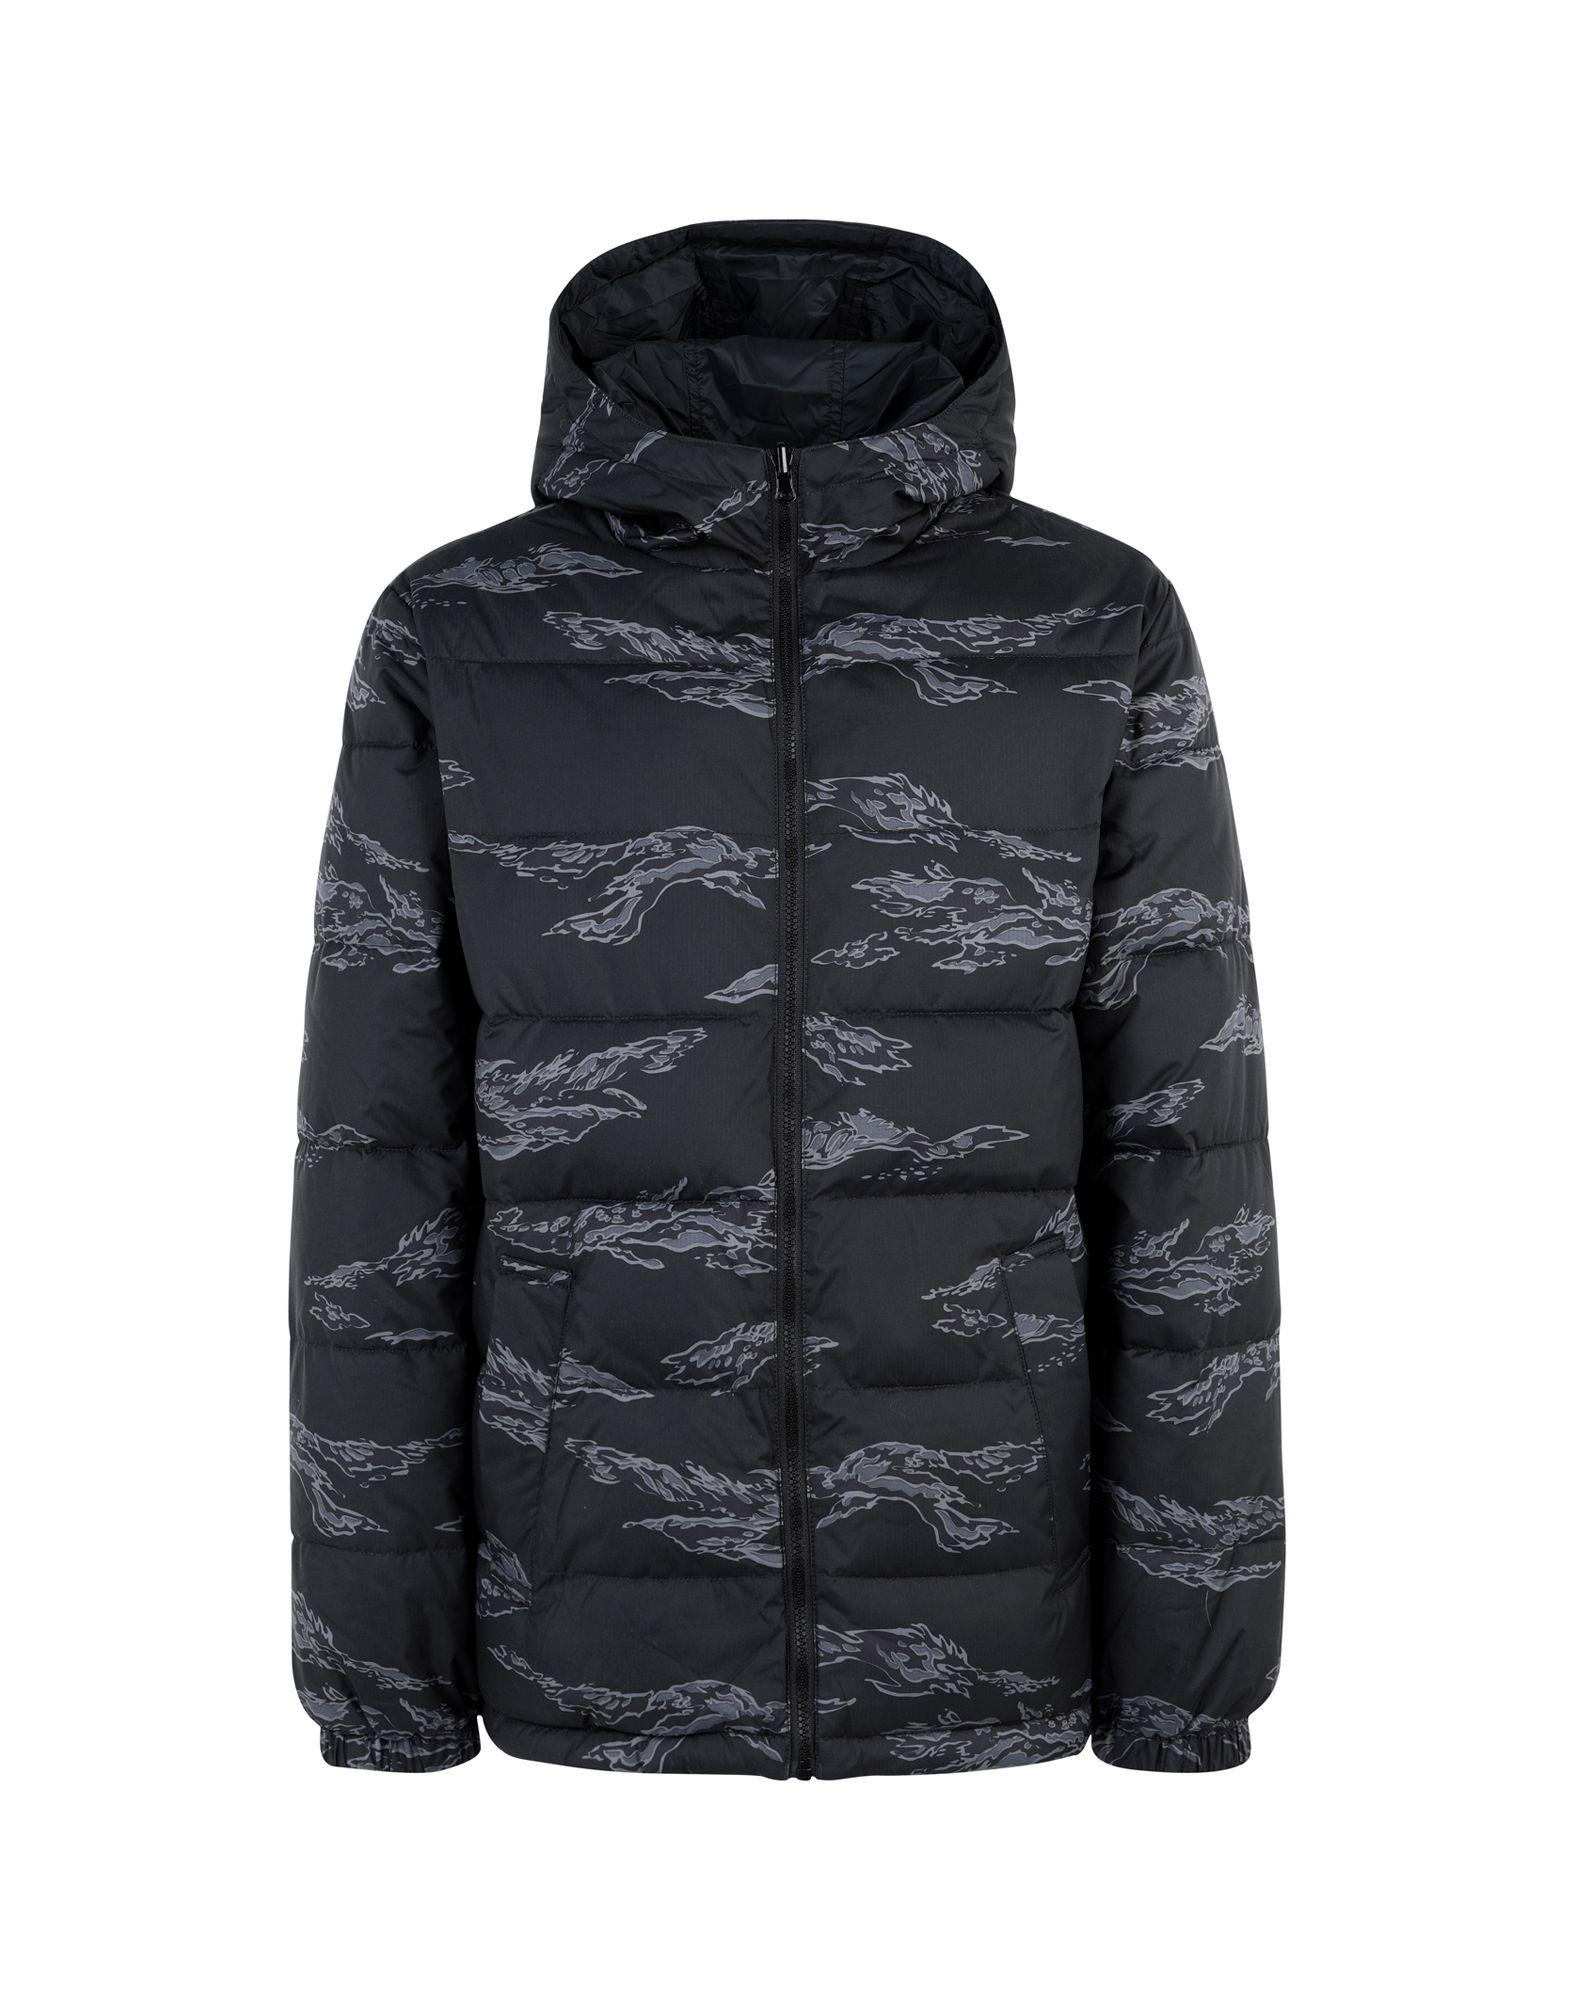 8c1861bf Buy vans coats & jackets for men - Best men's vans coats & jackets ...